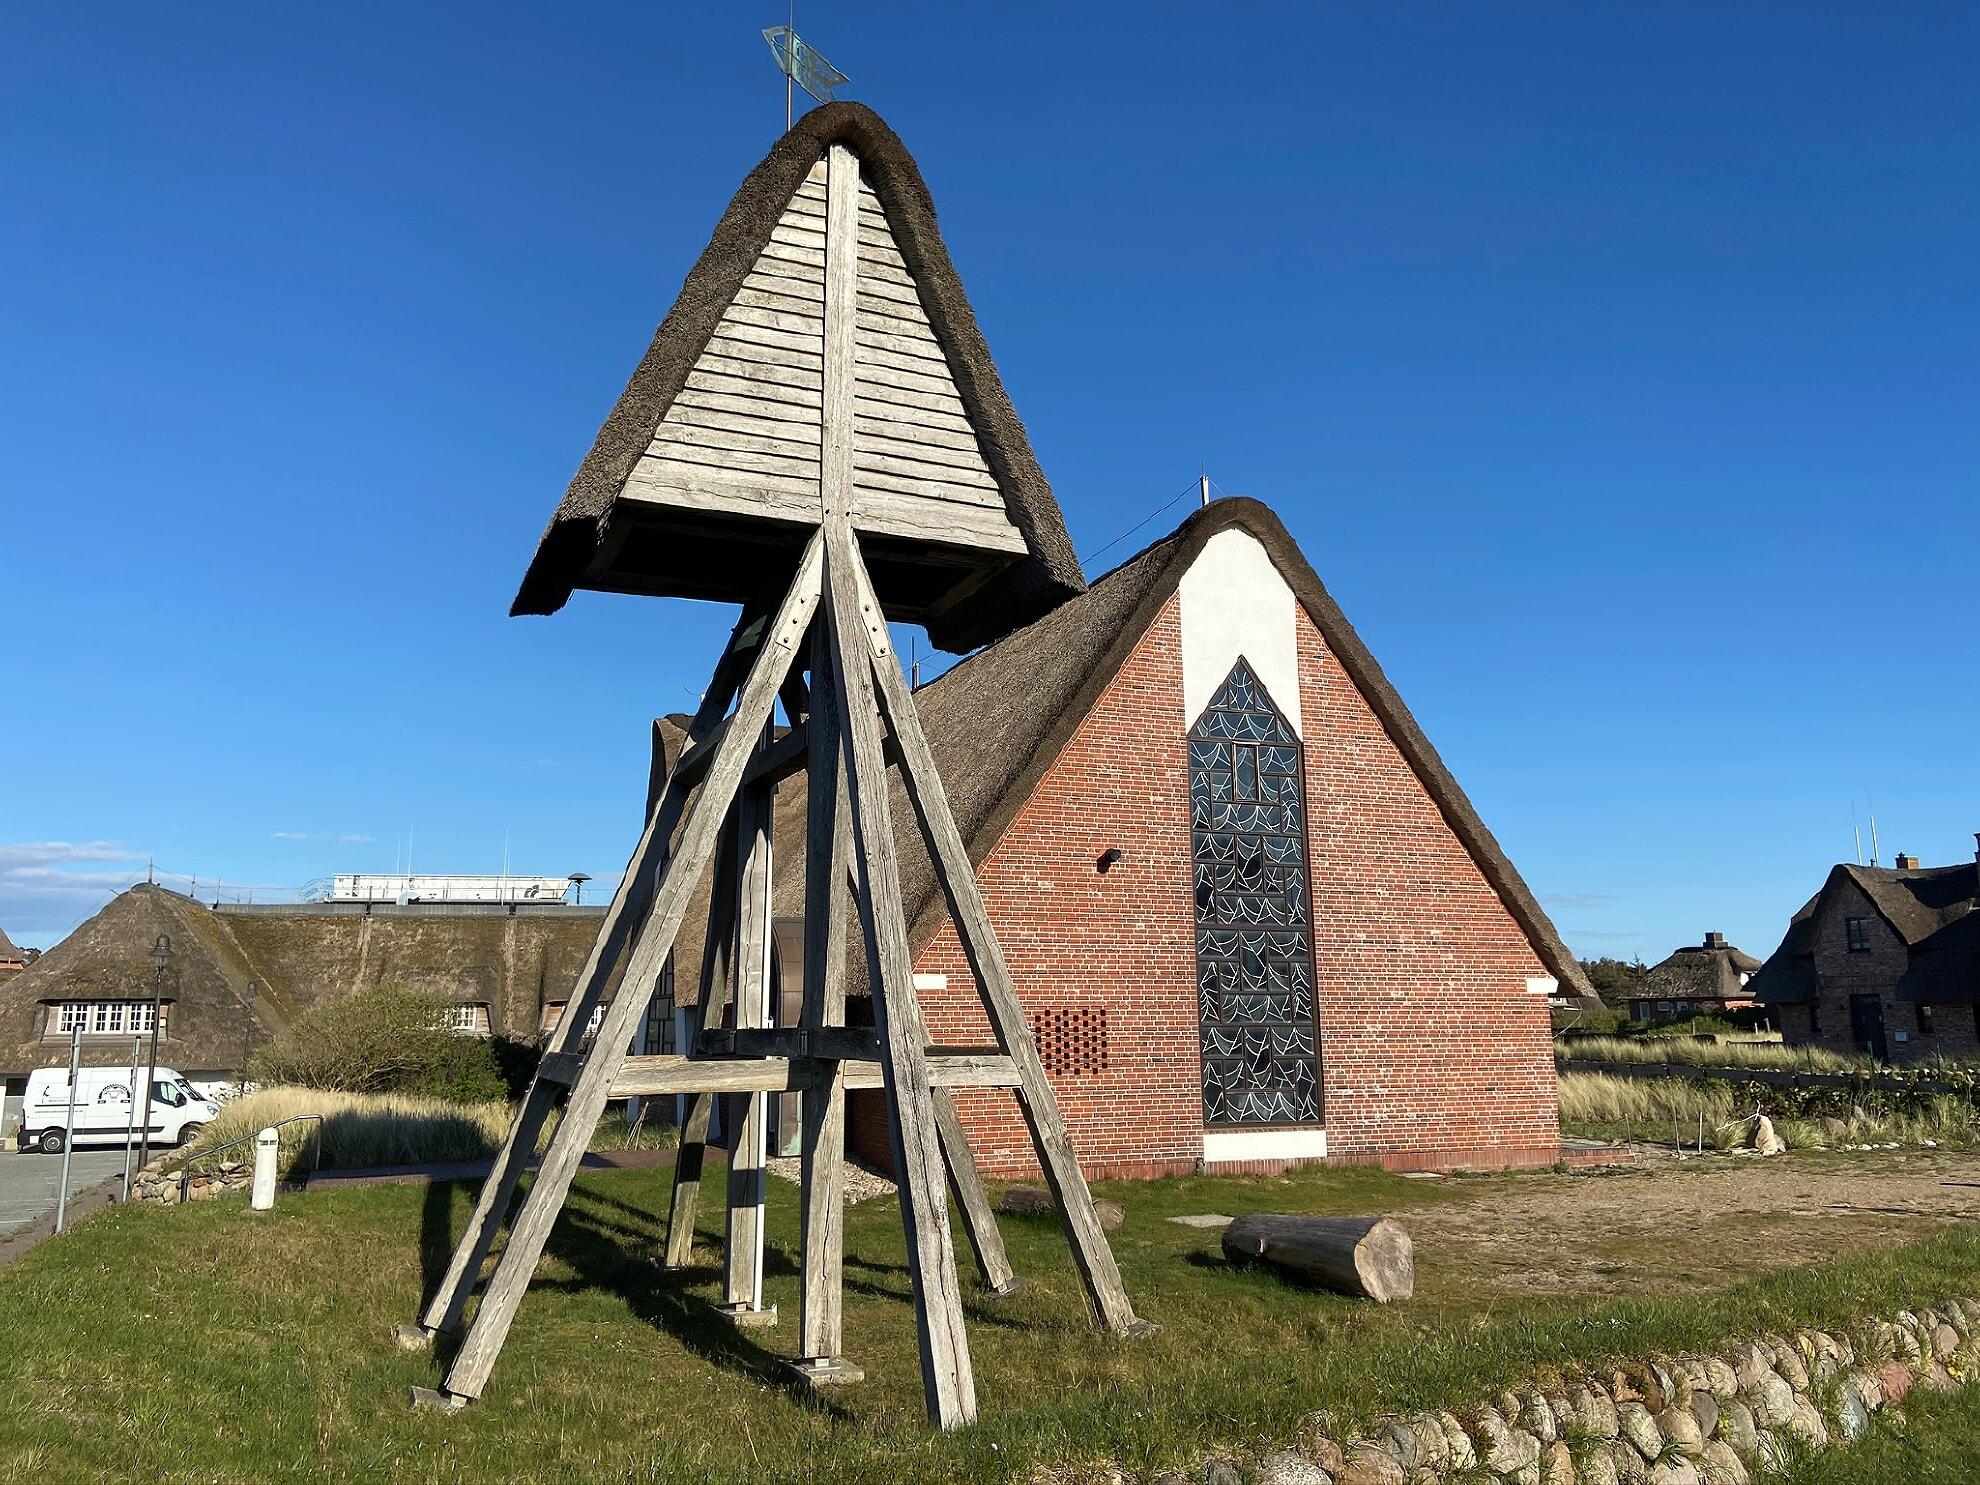 Glockenturm von St. Peter